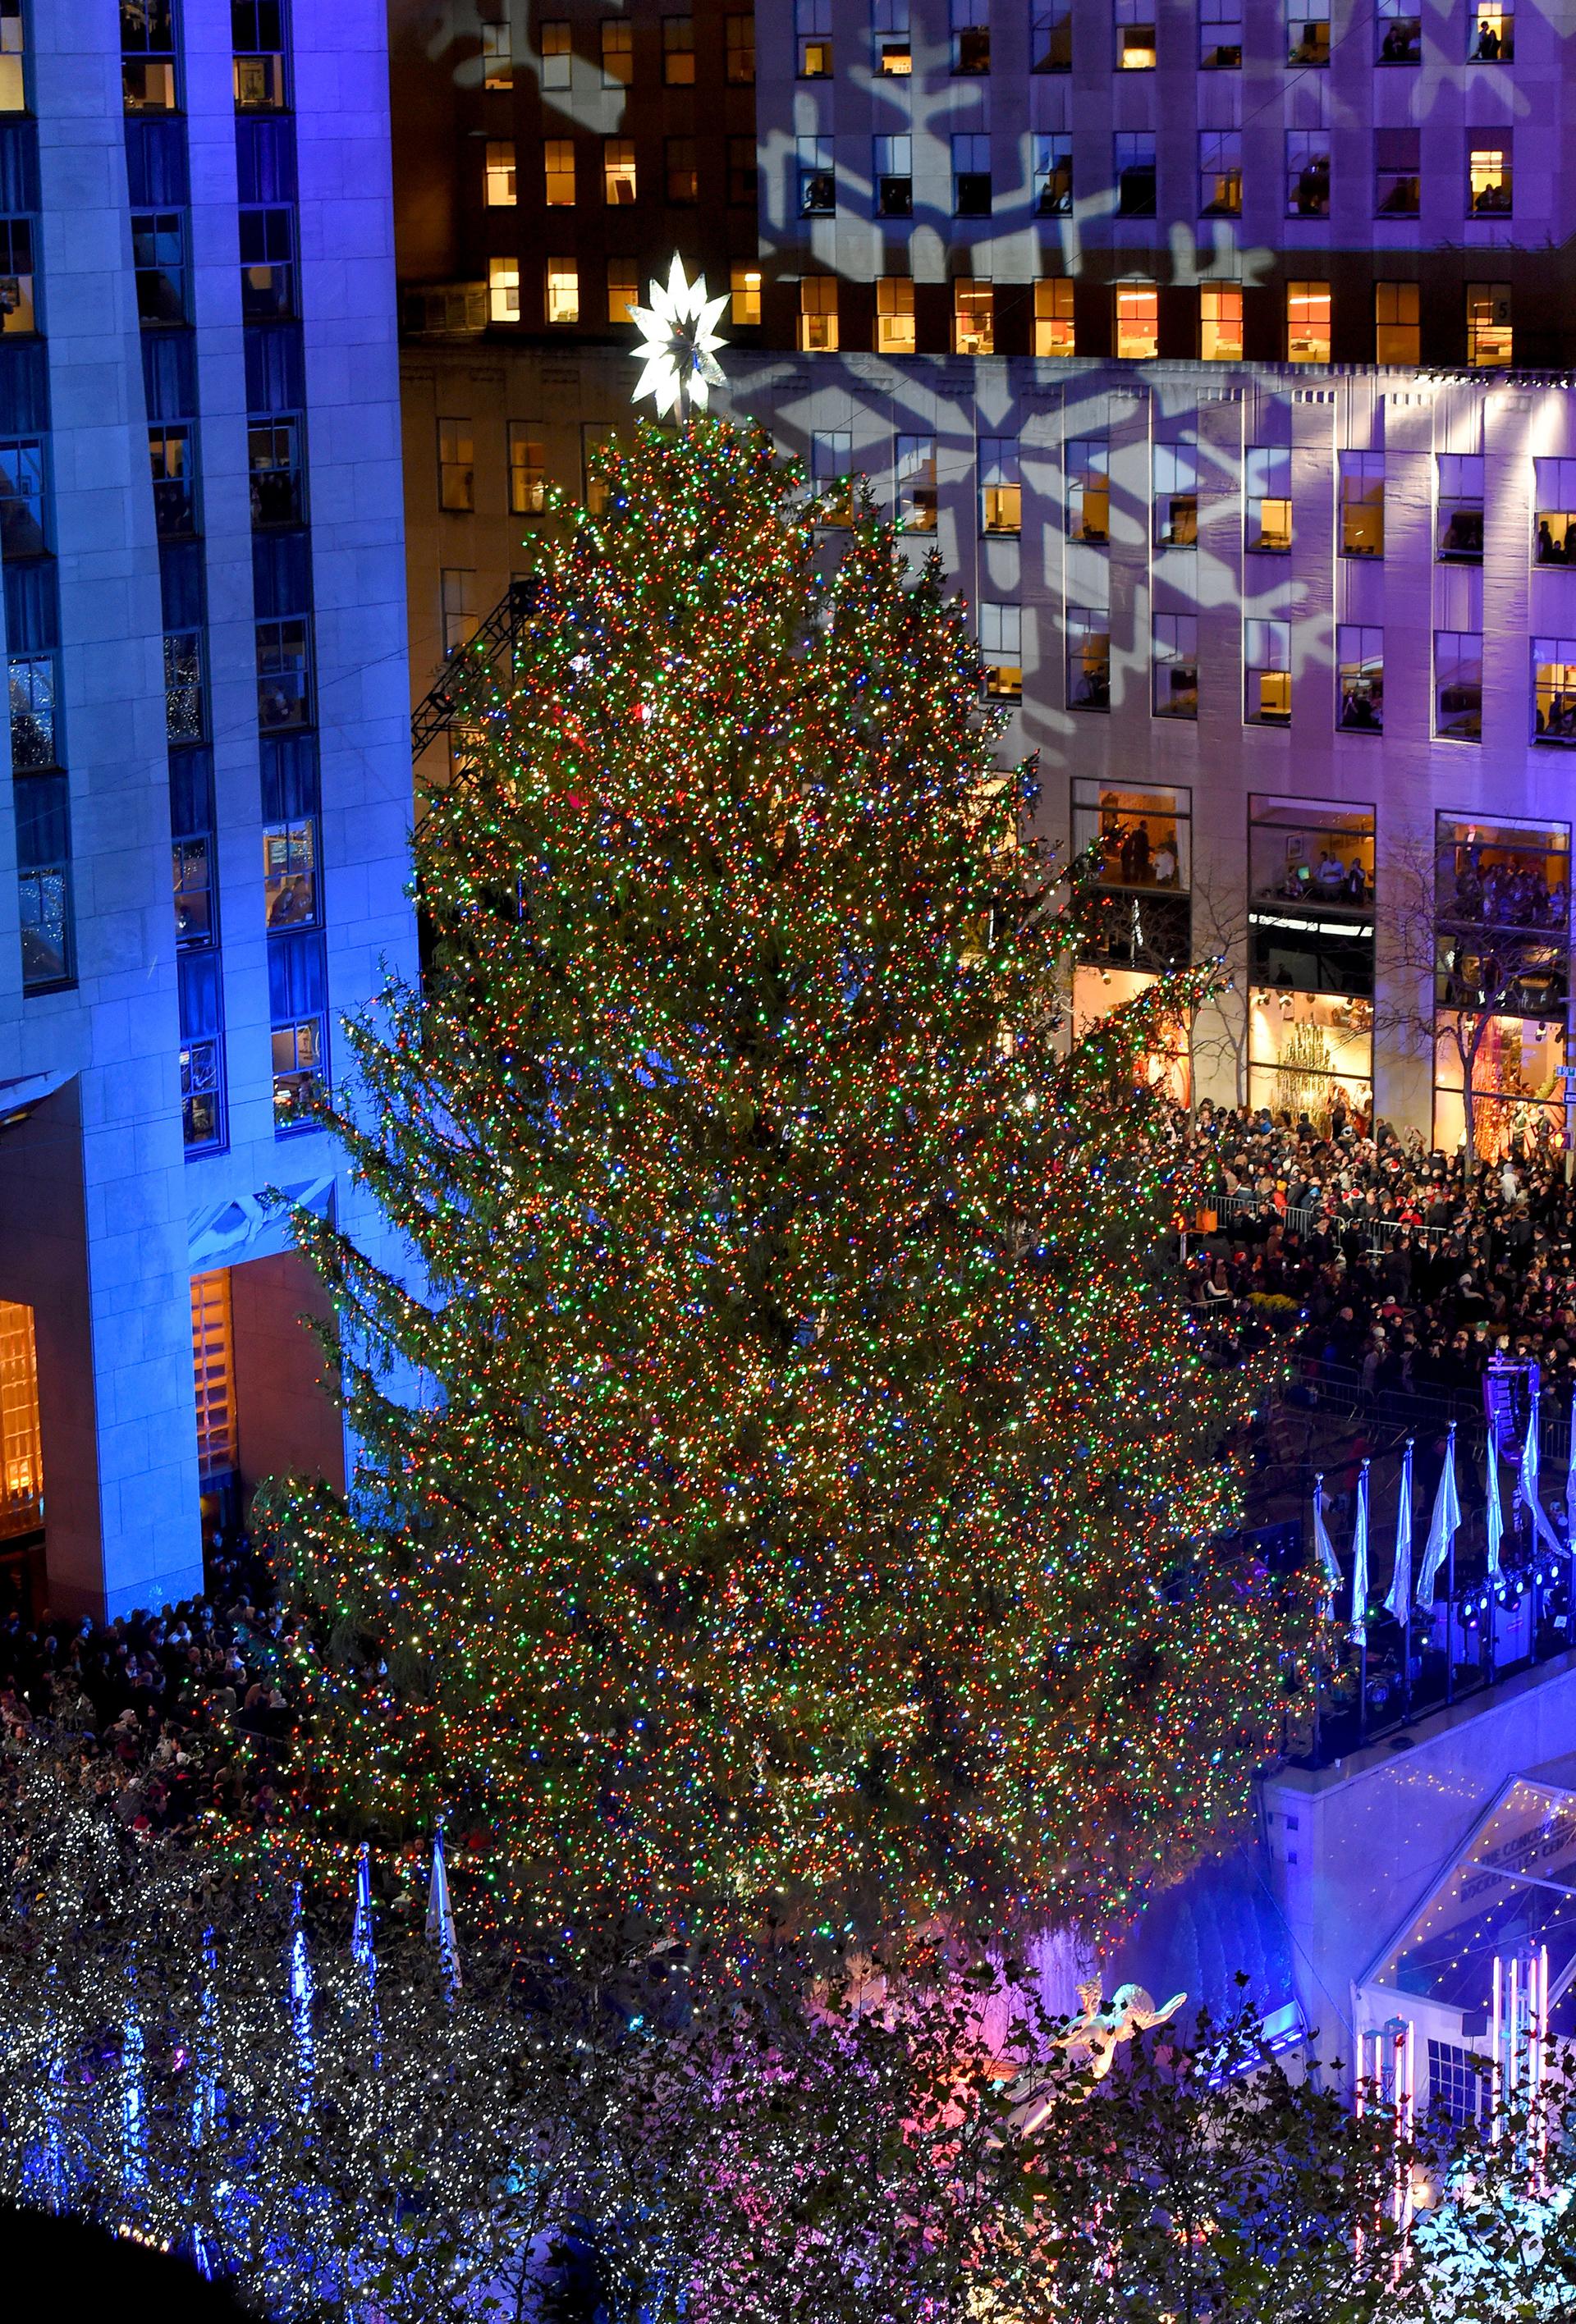 La copa del árbol quedó coronada, como viene siendo habitual desde 2004, por una luminosa estrella diseñada por la firma Swarovski, con 25.000 cristales y un diámetro de tres metros